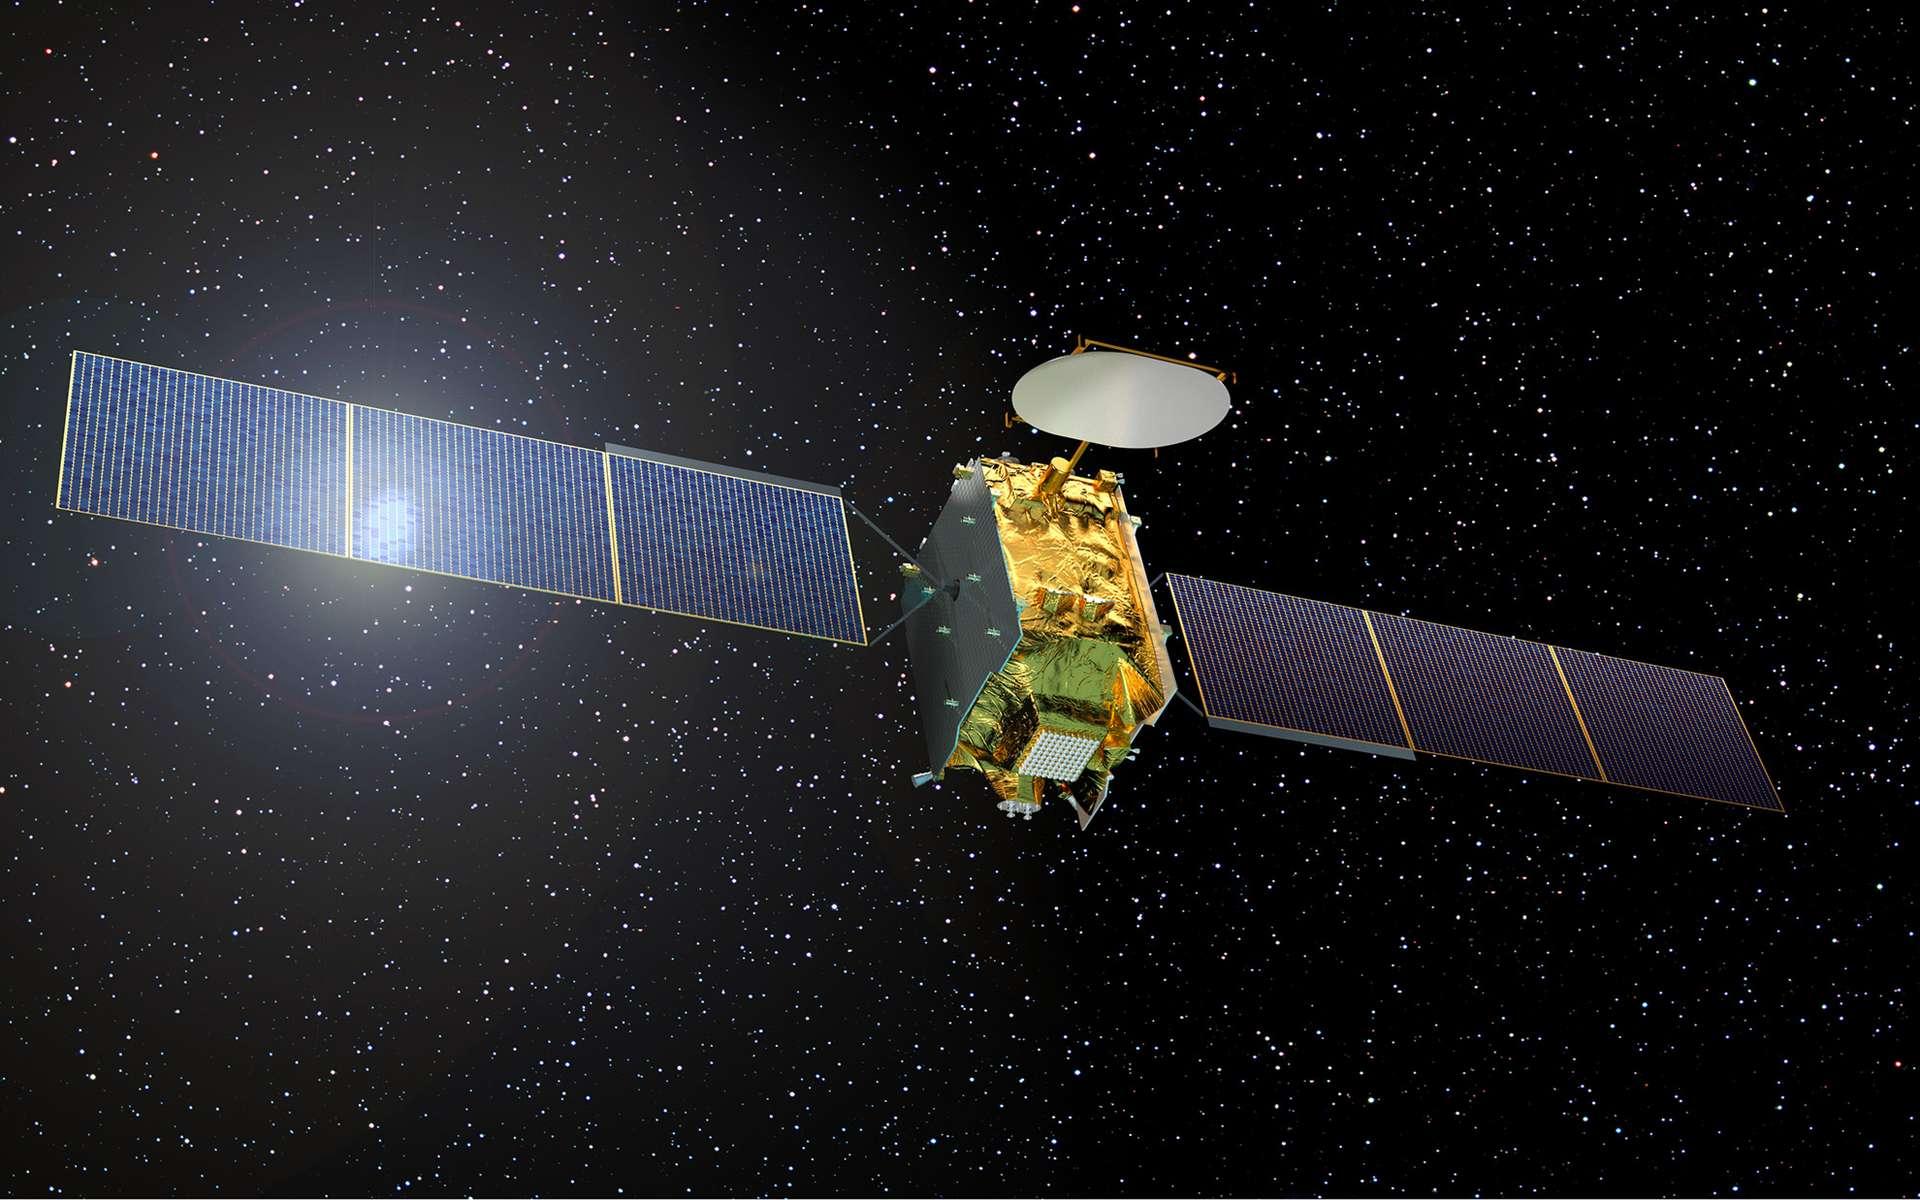 Le futur satellite Eutelsat Quantum sera construit autour d'une plateforme nouvelle dont la réalisation a été confiée à Surrey Satellite Technology Ltd (SSTL), filiale d'Airbus Defence and Space. La livraison de Quantum est prévue en 2018. © D. Eskenazi, Airbus Defence and Space